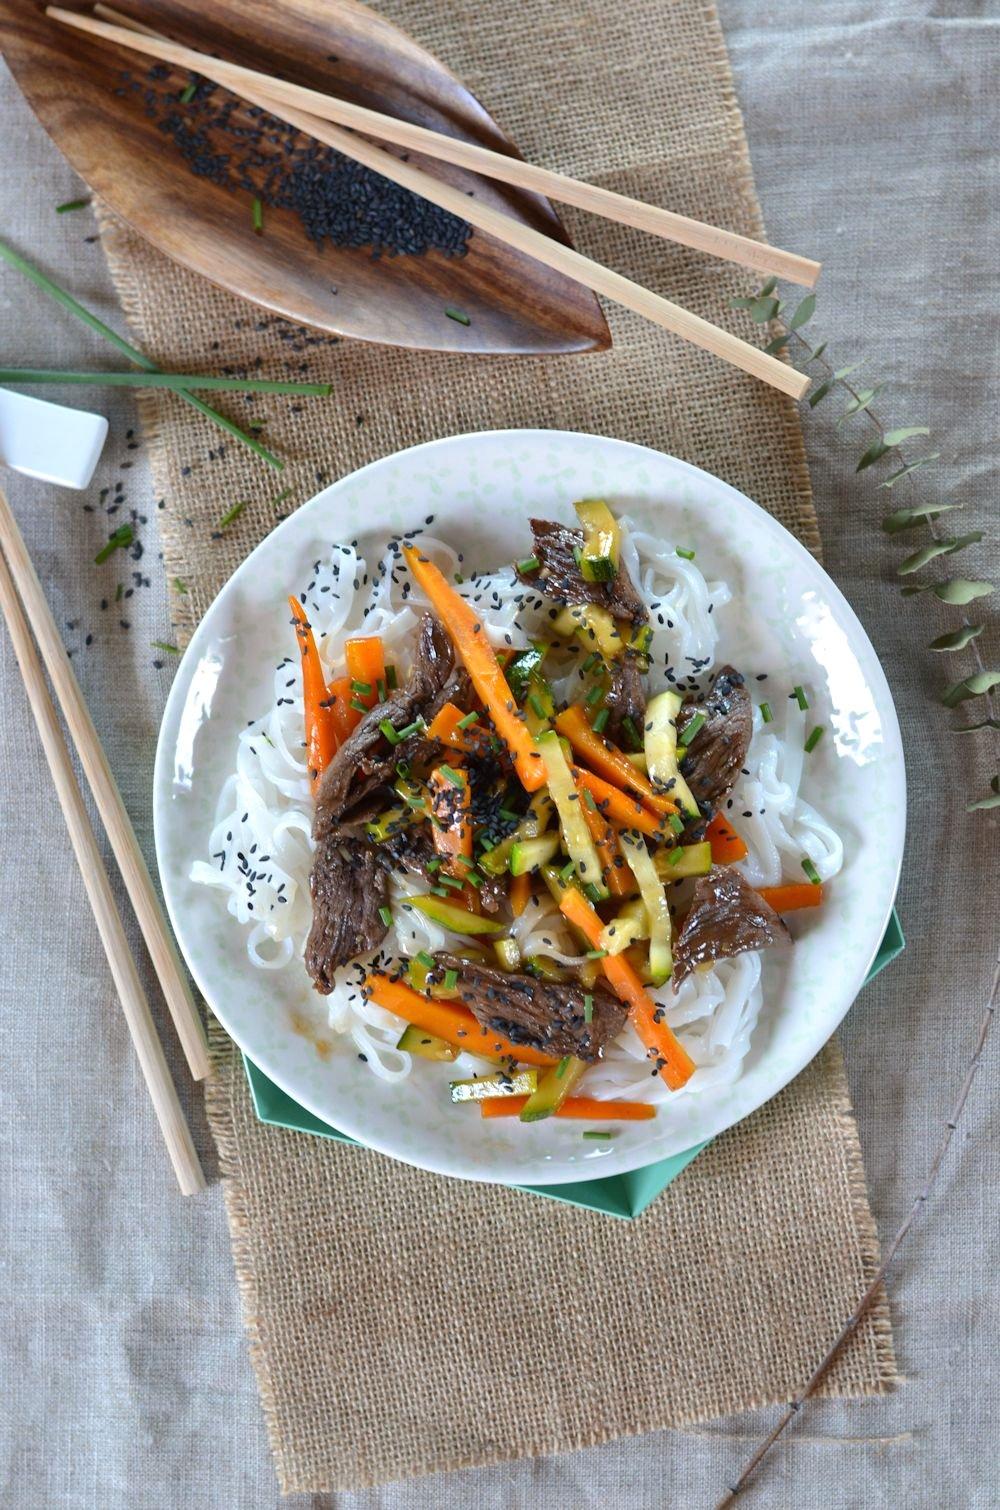 Salade de boeuf, carotte, courgette et nouilles de riz dans délicieuse sauce yakitori. Prêt en moins de 30 minutes, à retrouver sur le blog de cuisine tangerinezest.com